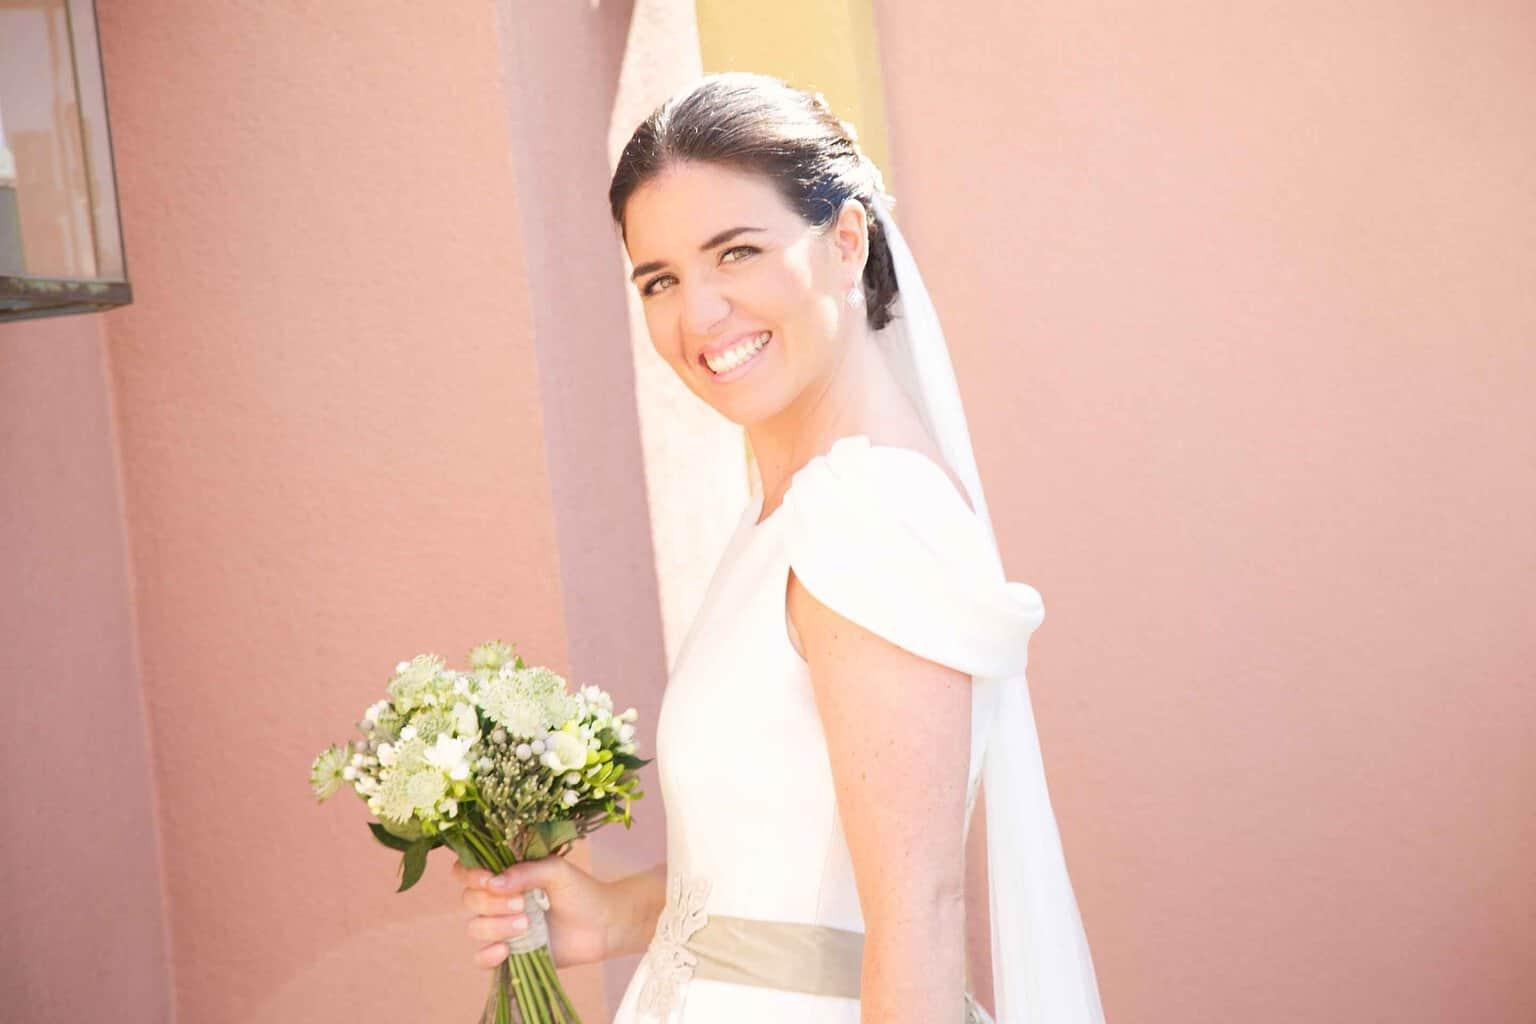 La novia de la falda de piqué - Las bodas de Tatín